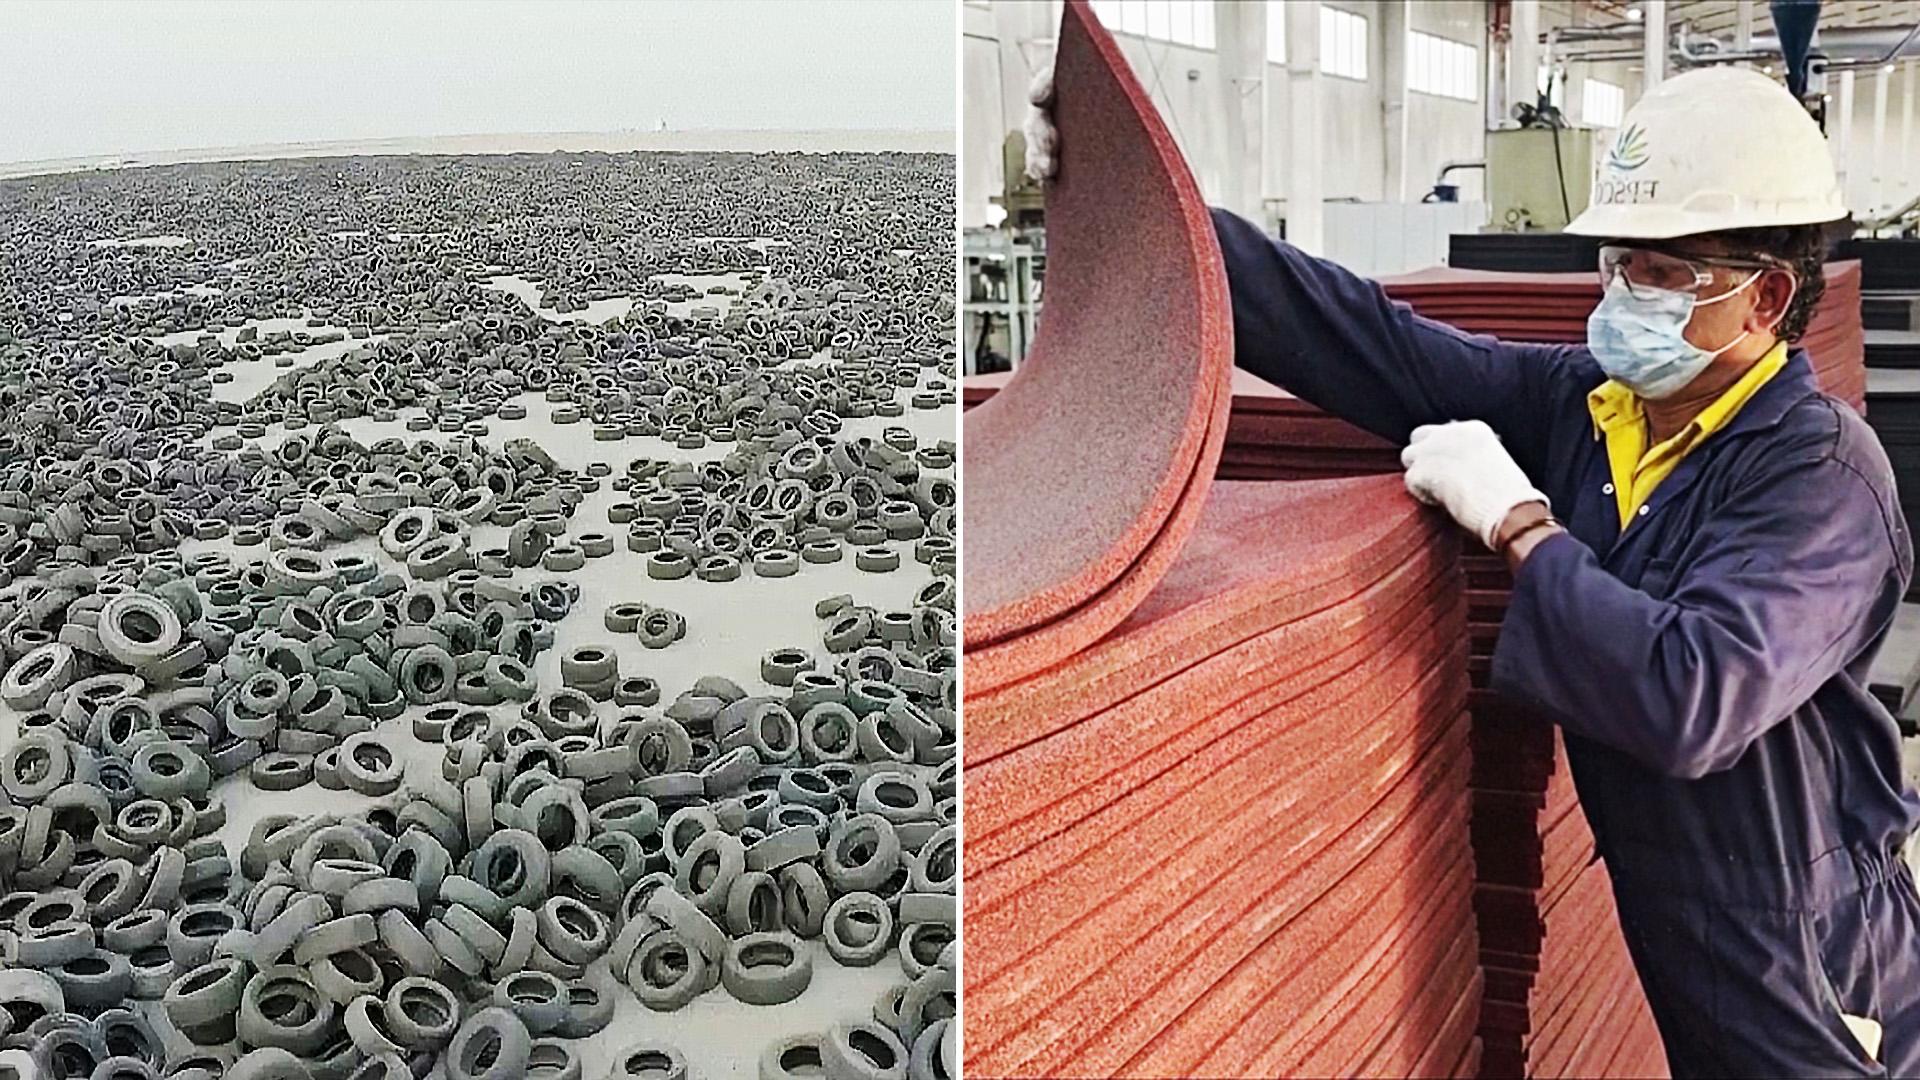 Гигантскую свалку покрышек в Кувейте начали перерабатывать